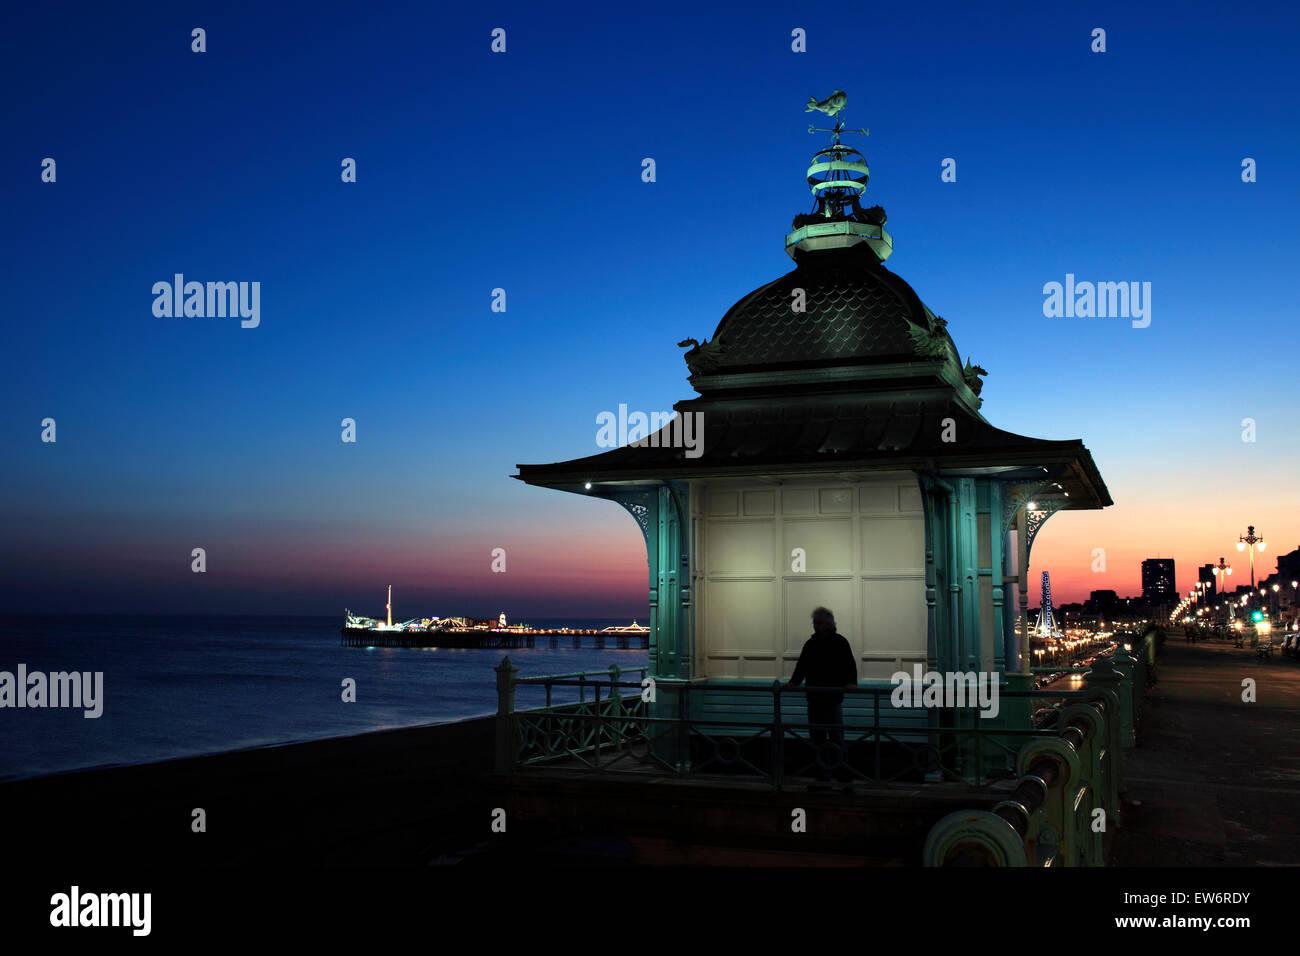 Twilight cielo dietro il sollevamento di Madera, Marine Parade, Brighton. Pier illuminato in background. Immagini Stock